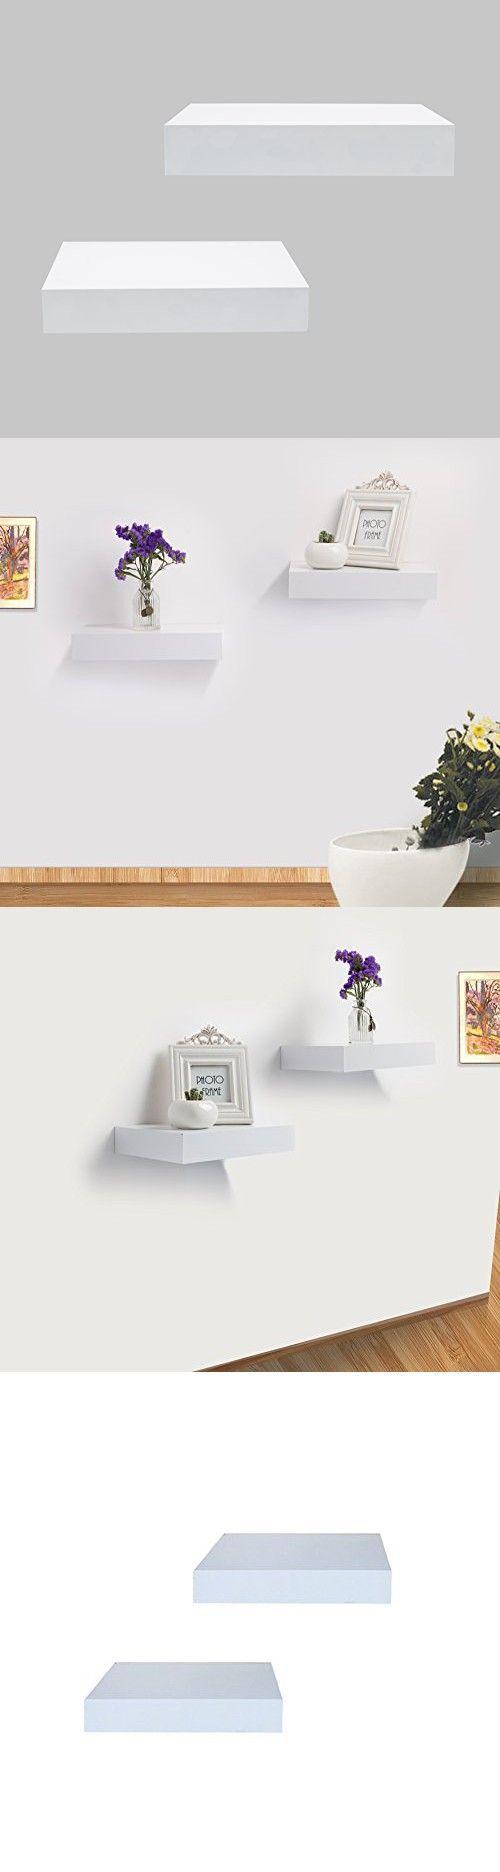 Sublime Ideas: Floating Shelf Styling Ikea Mangelnde Dekoration für schwebende Regale in der Küche. Floating Shelf Wand Sofas Glas Floating Regale Bar-Bereiche. Floating Shelf Styling Ikea ..